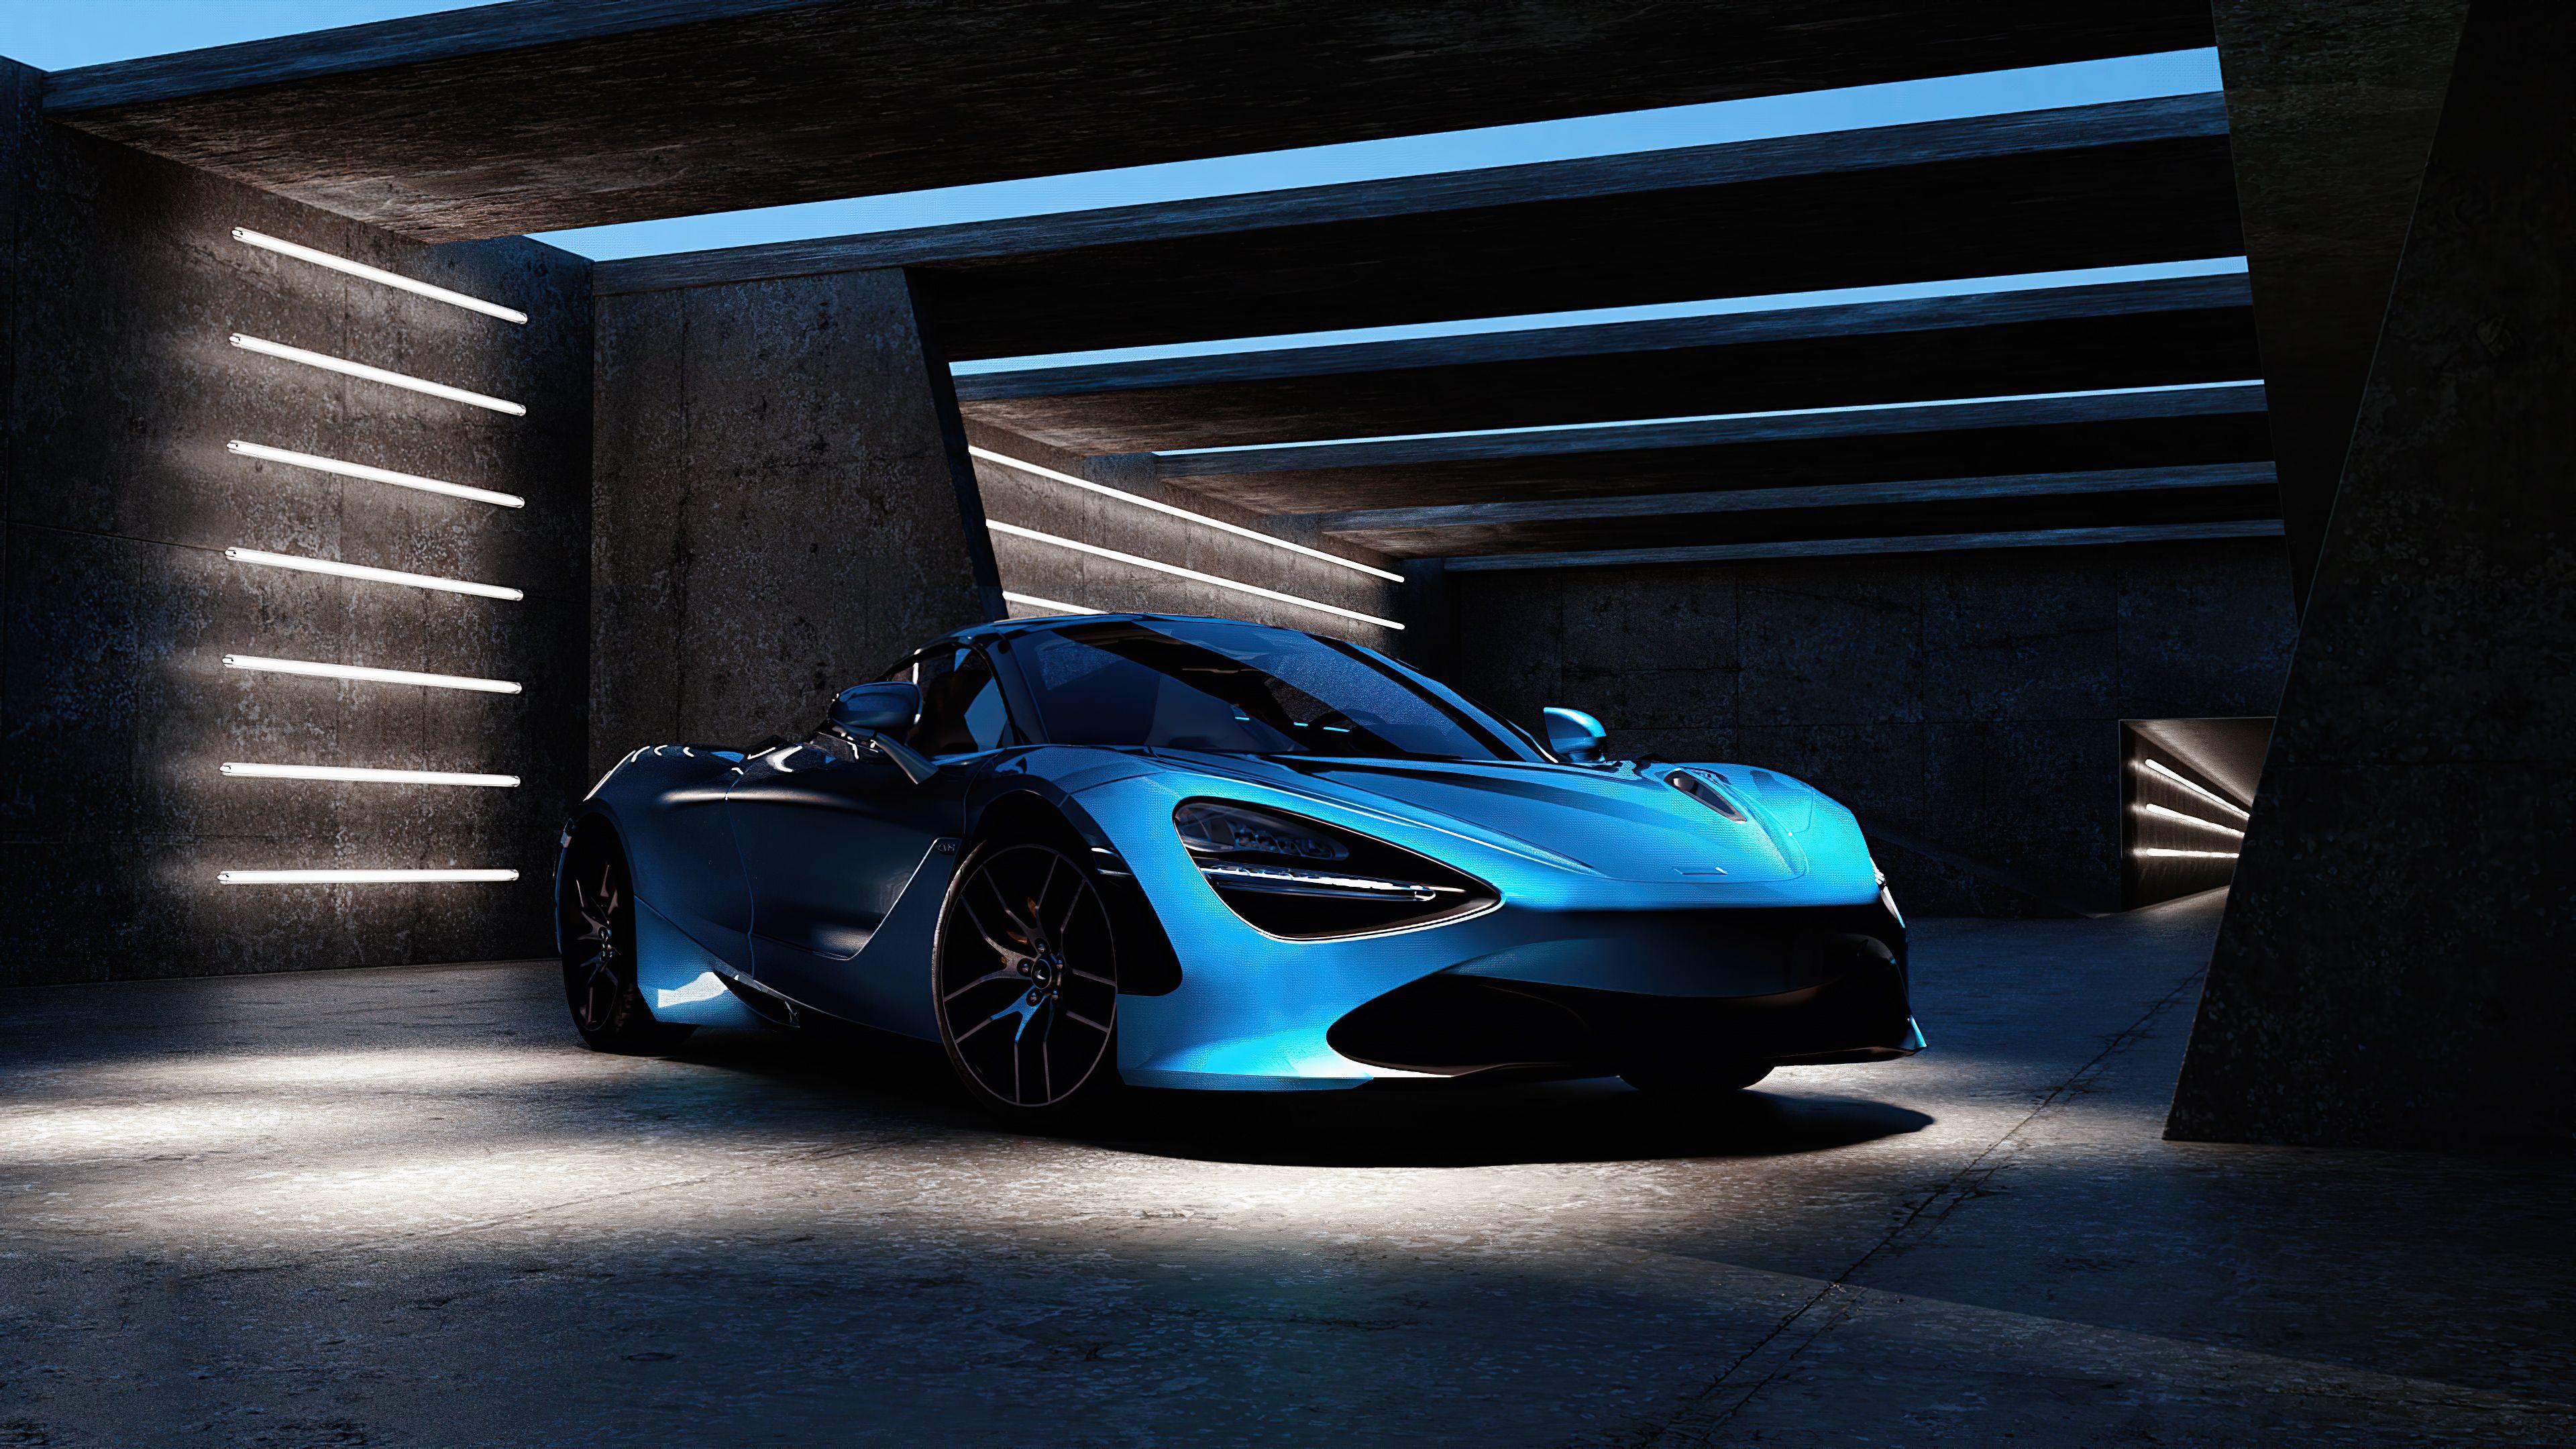 Blue Mclaren 2020 4k Blue Mclaren 2020 4k Wallpapers In 2021 Blue Wallpaper Blue Car